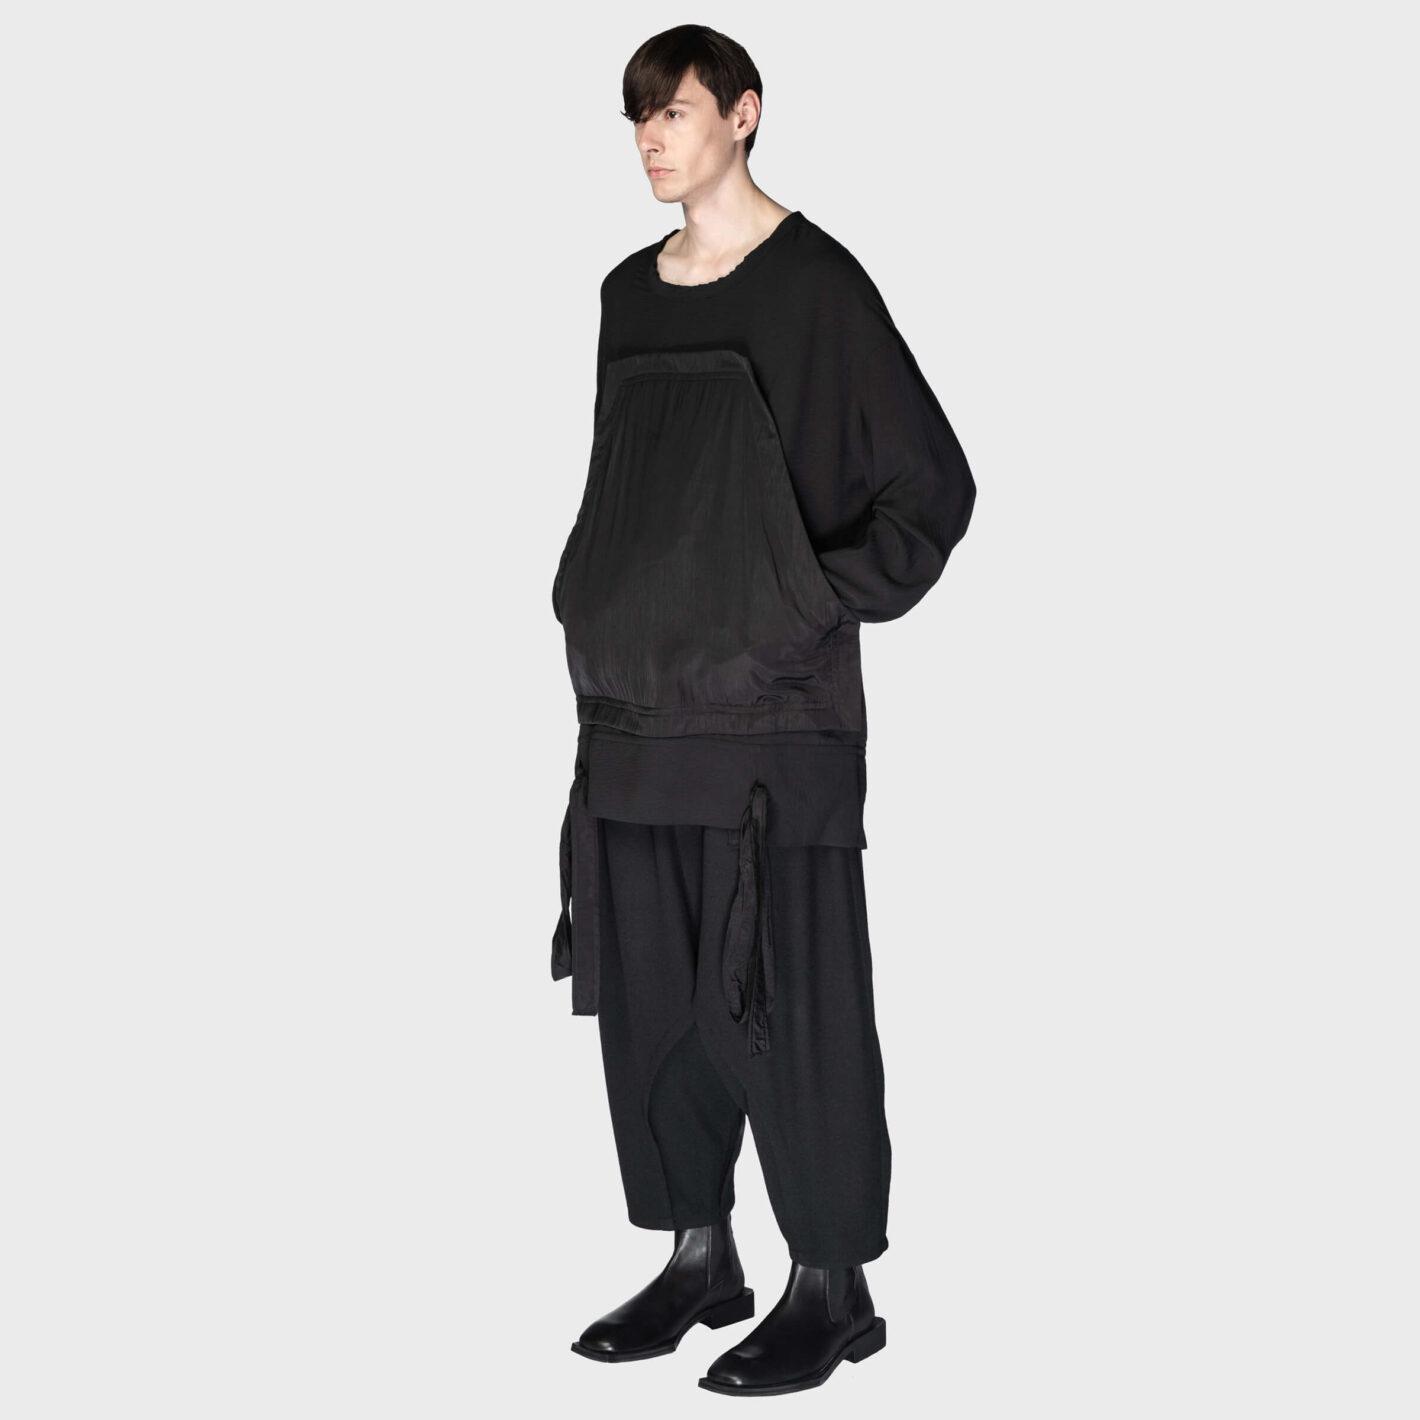 SOSNOVSKA Wide Shirted Longsleeve